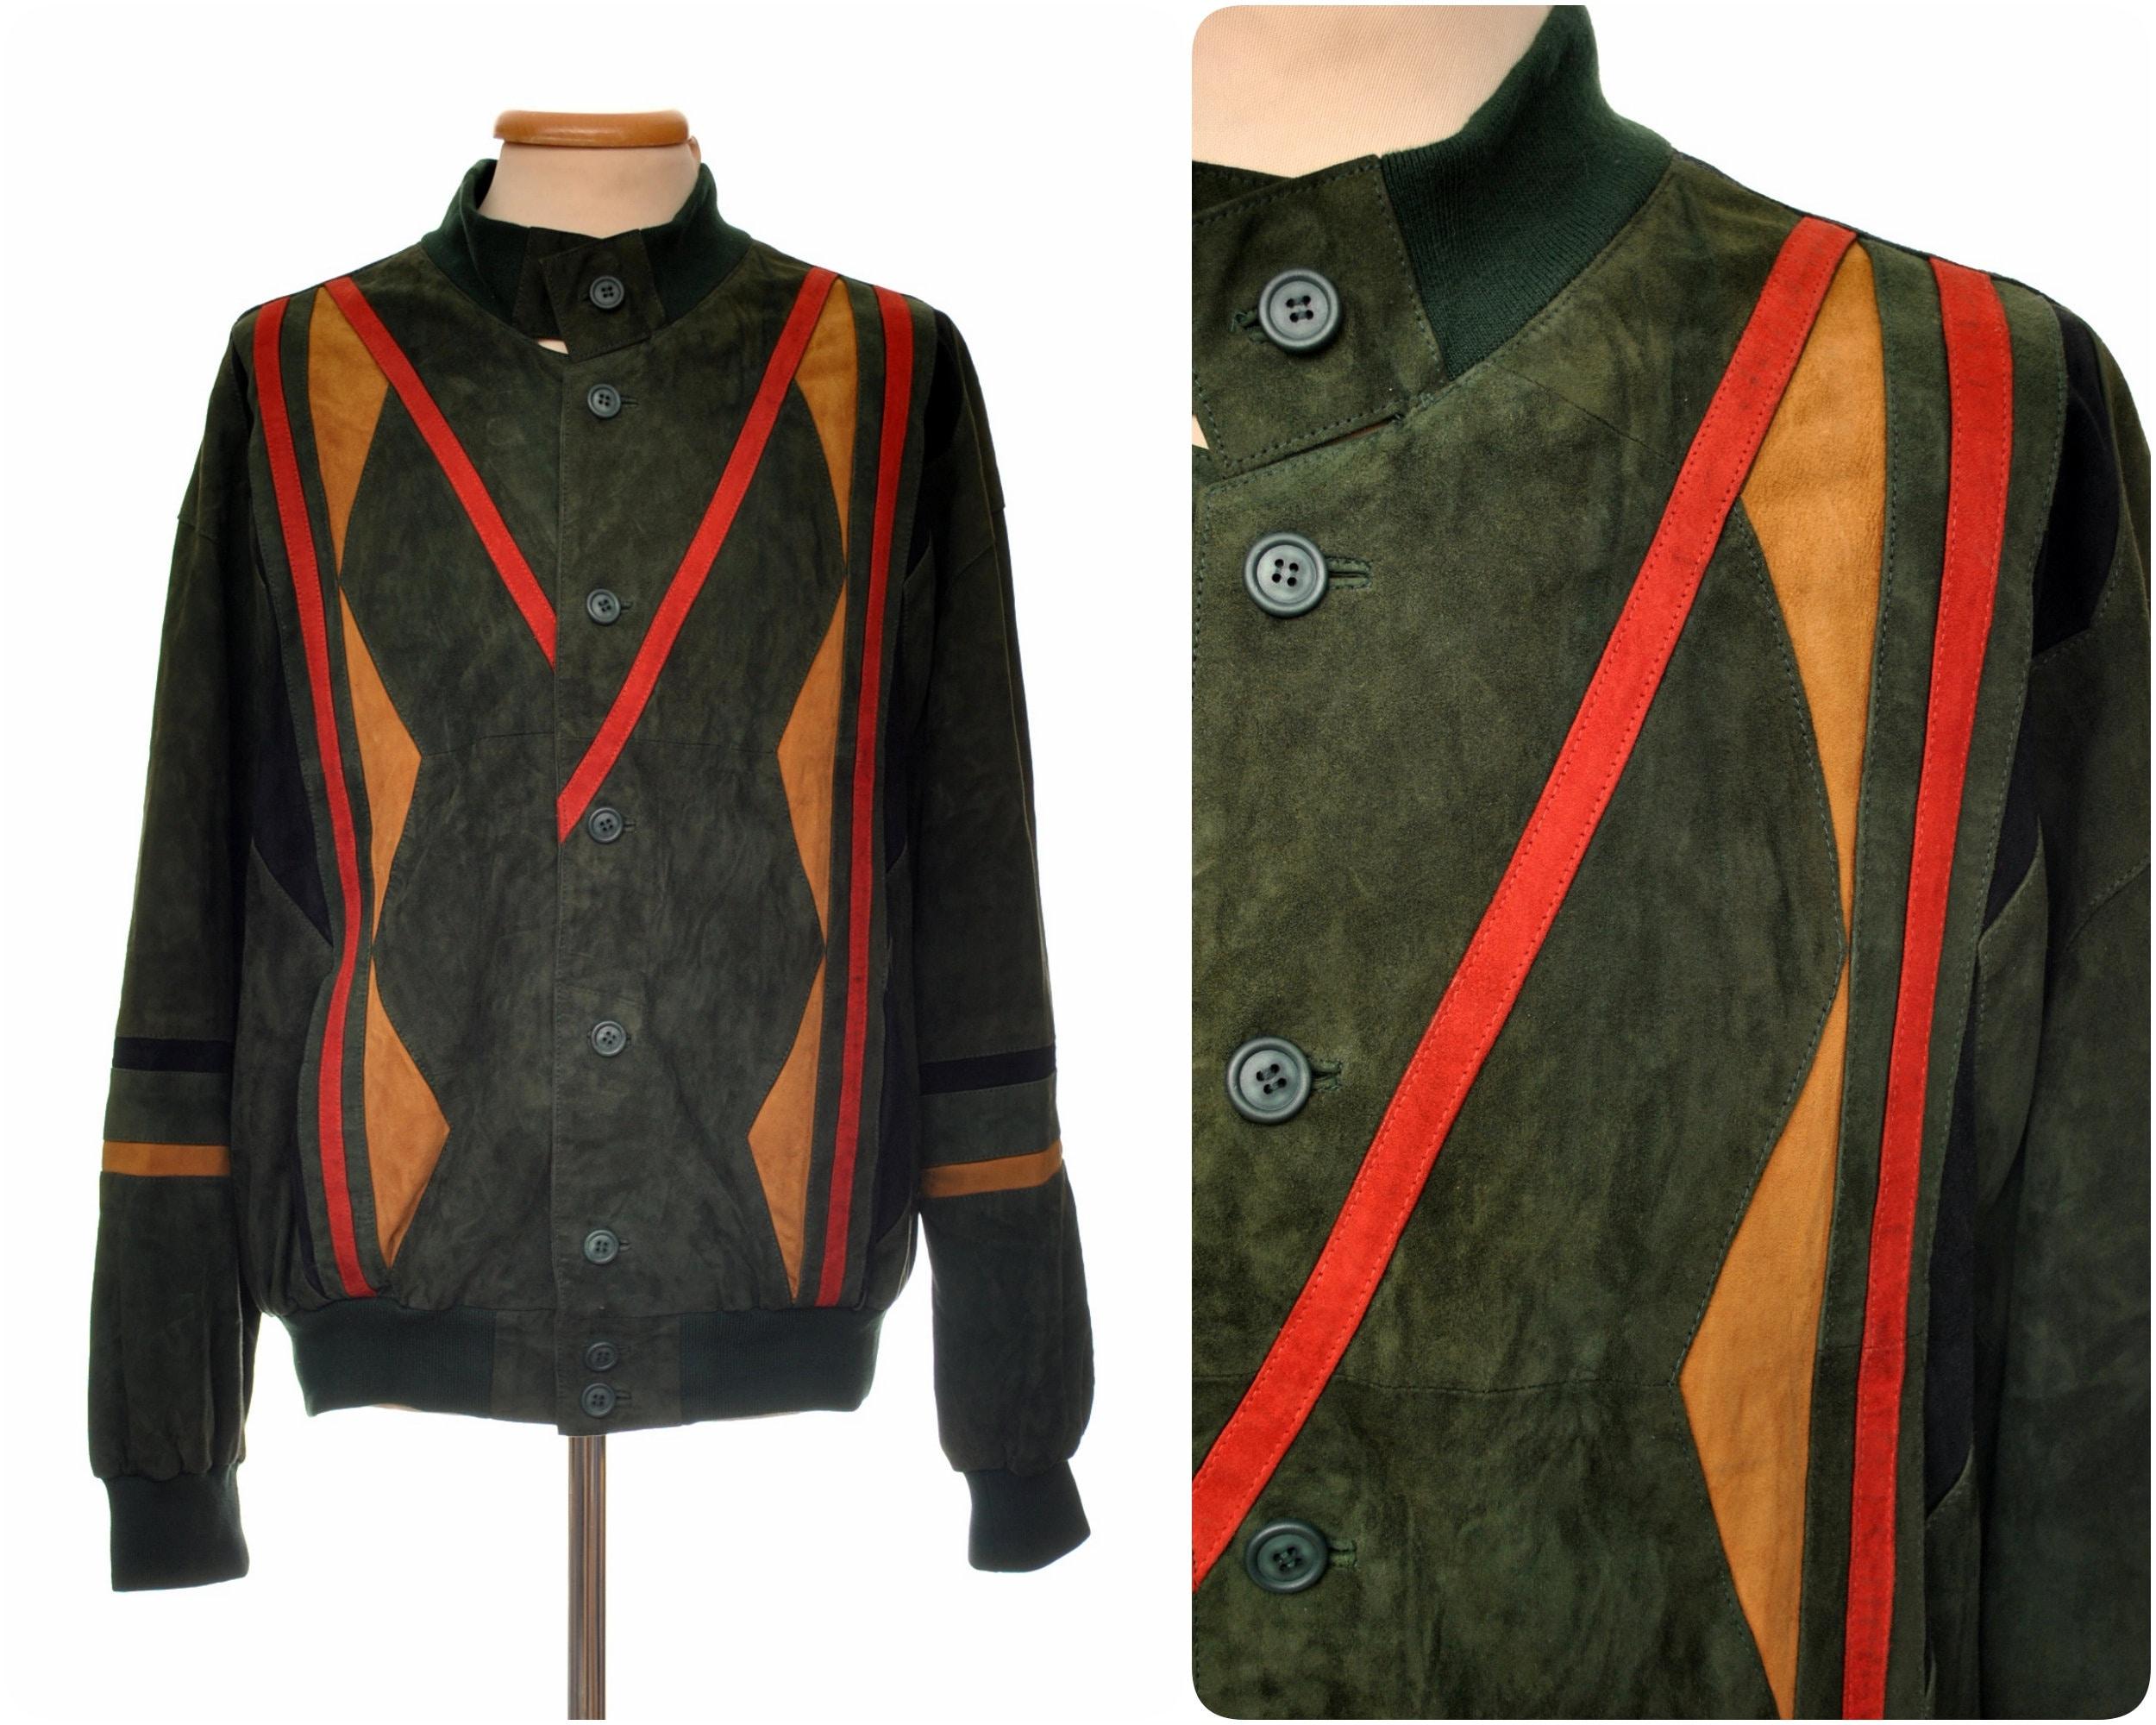 daim veste vintage pour homme en cuir veste daim par M.Flues   taille Eur 5620fdadd3c